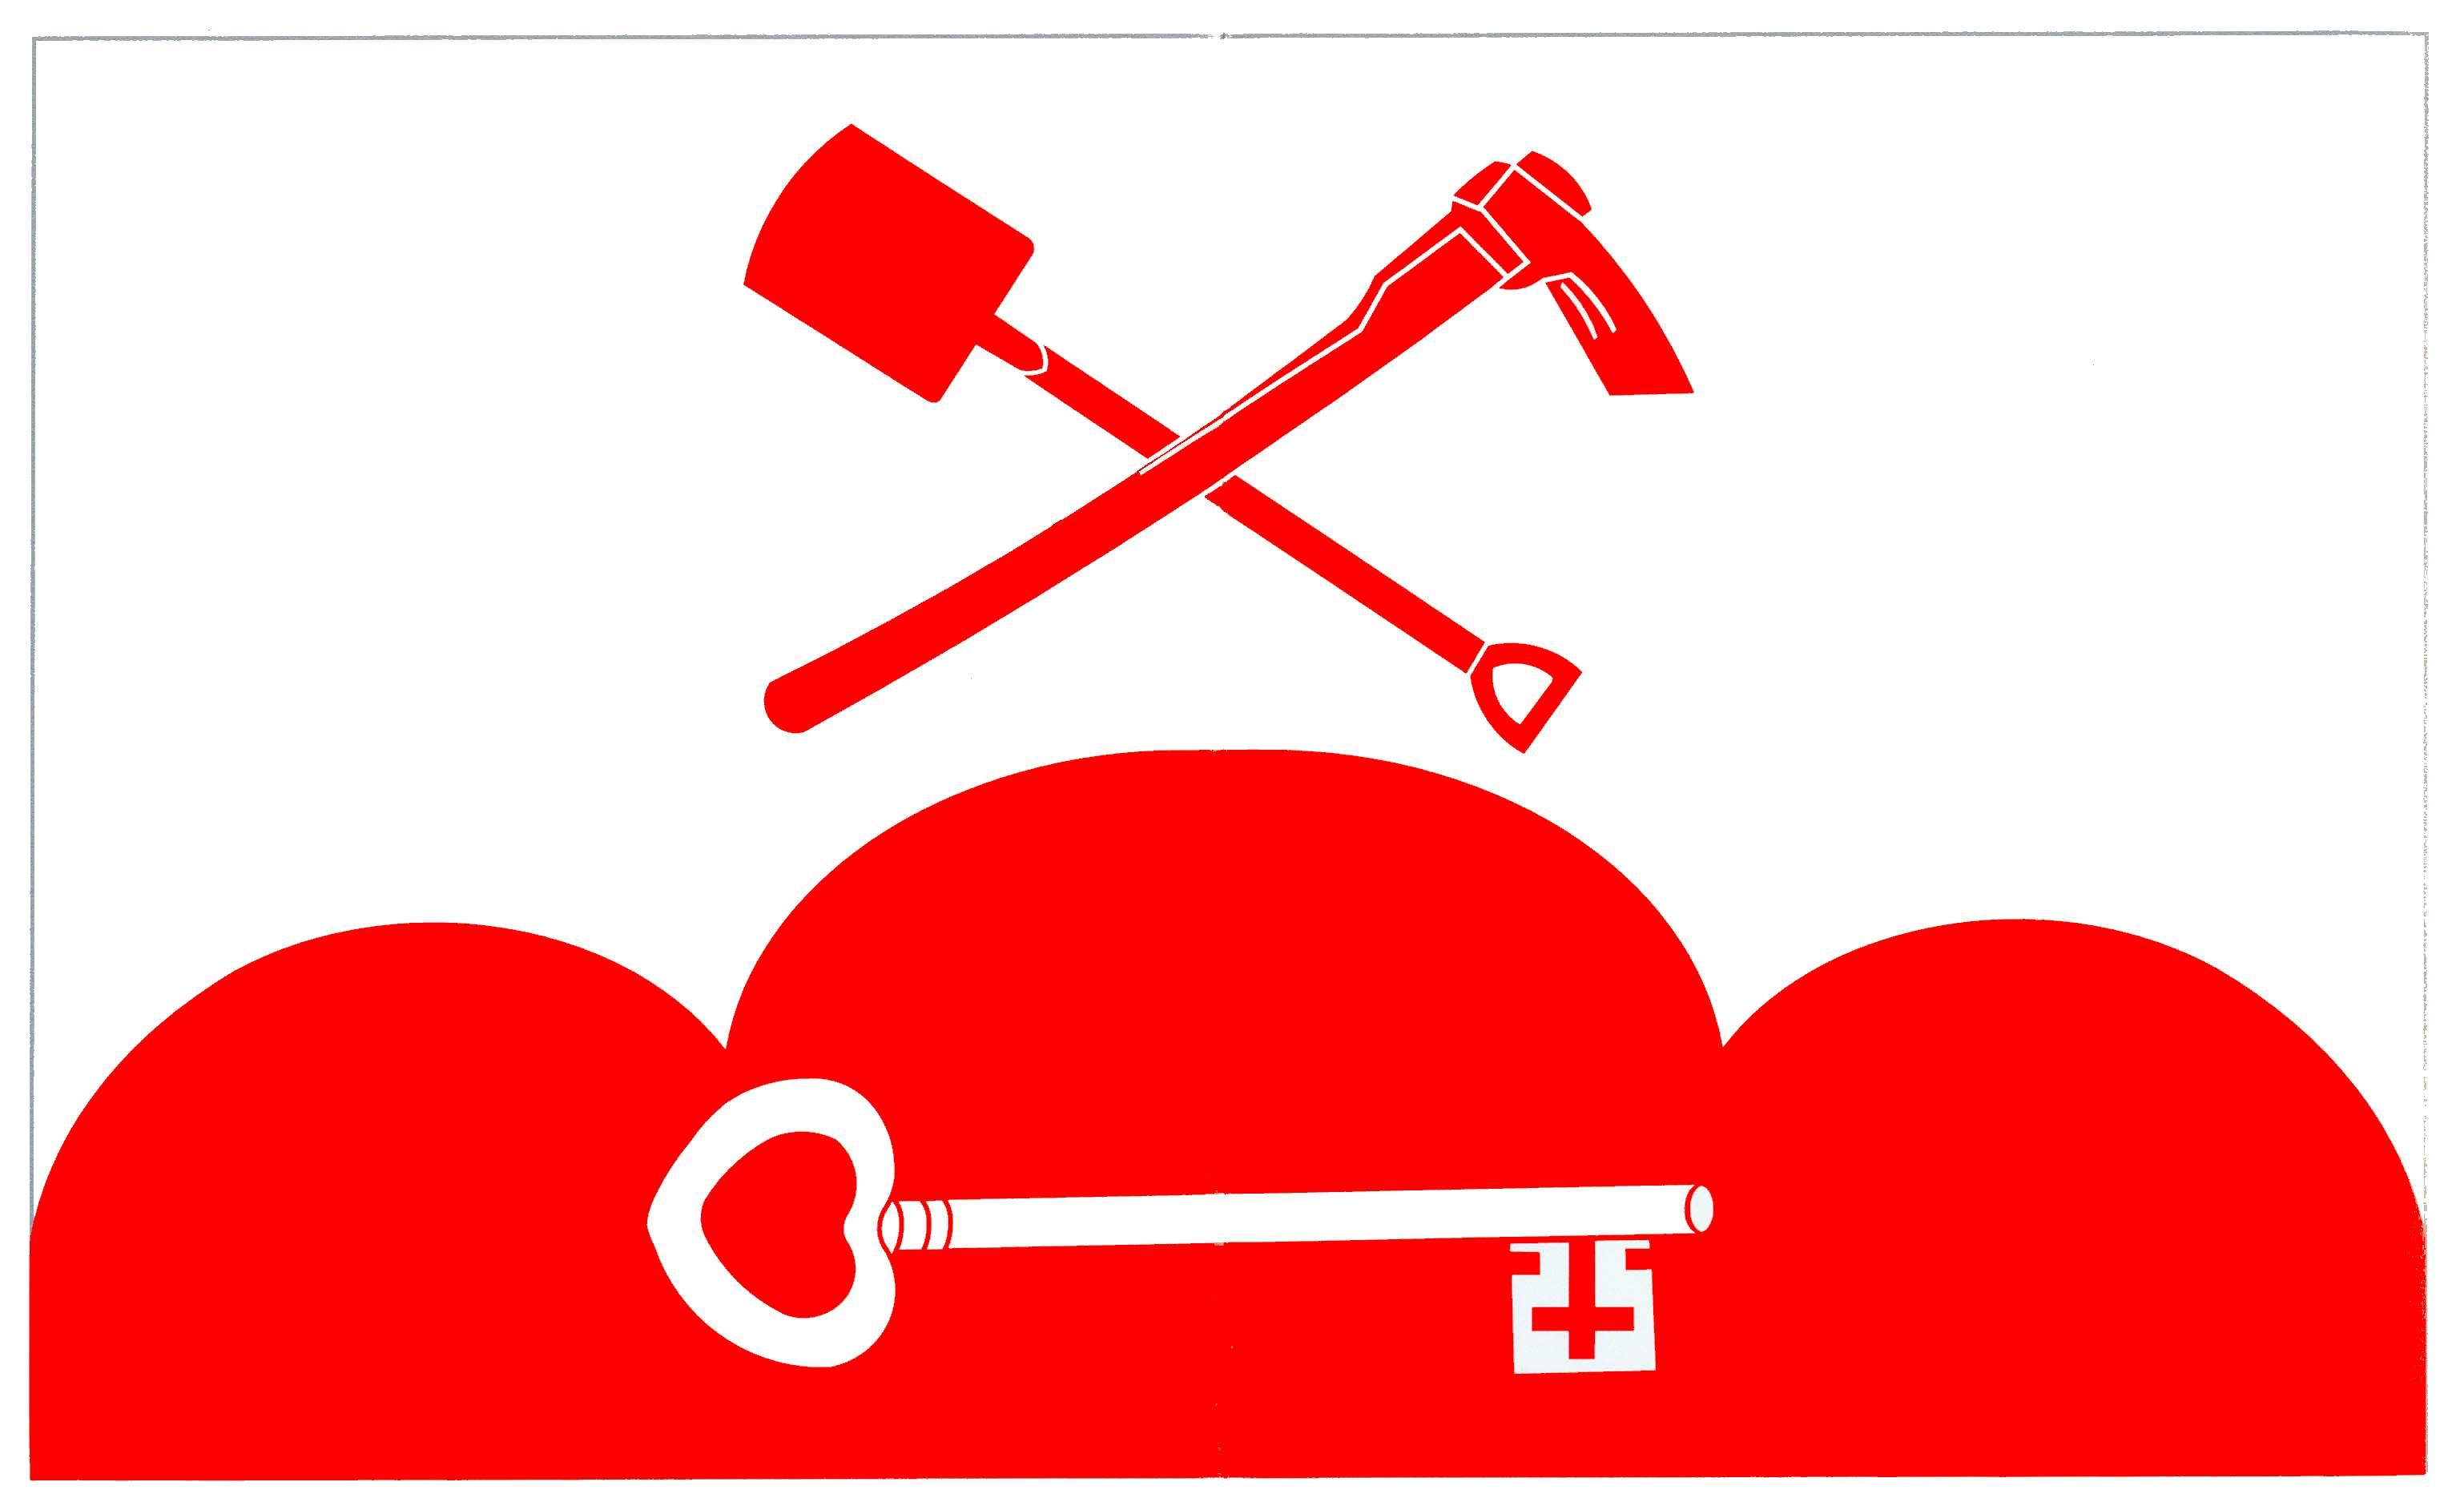 Flagge GemeindeOsterrade, Kreis Dithmarschen